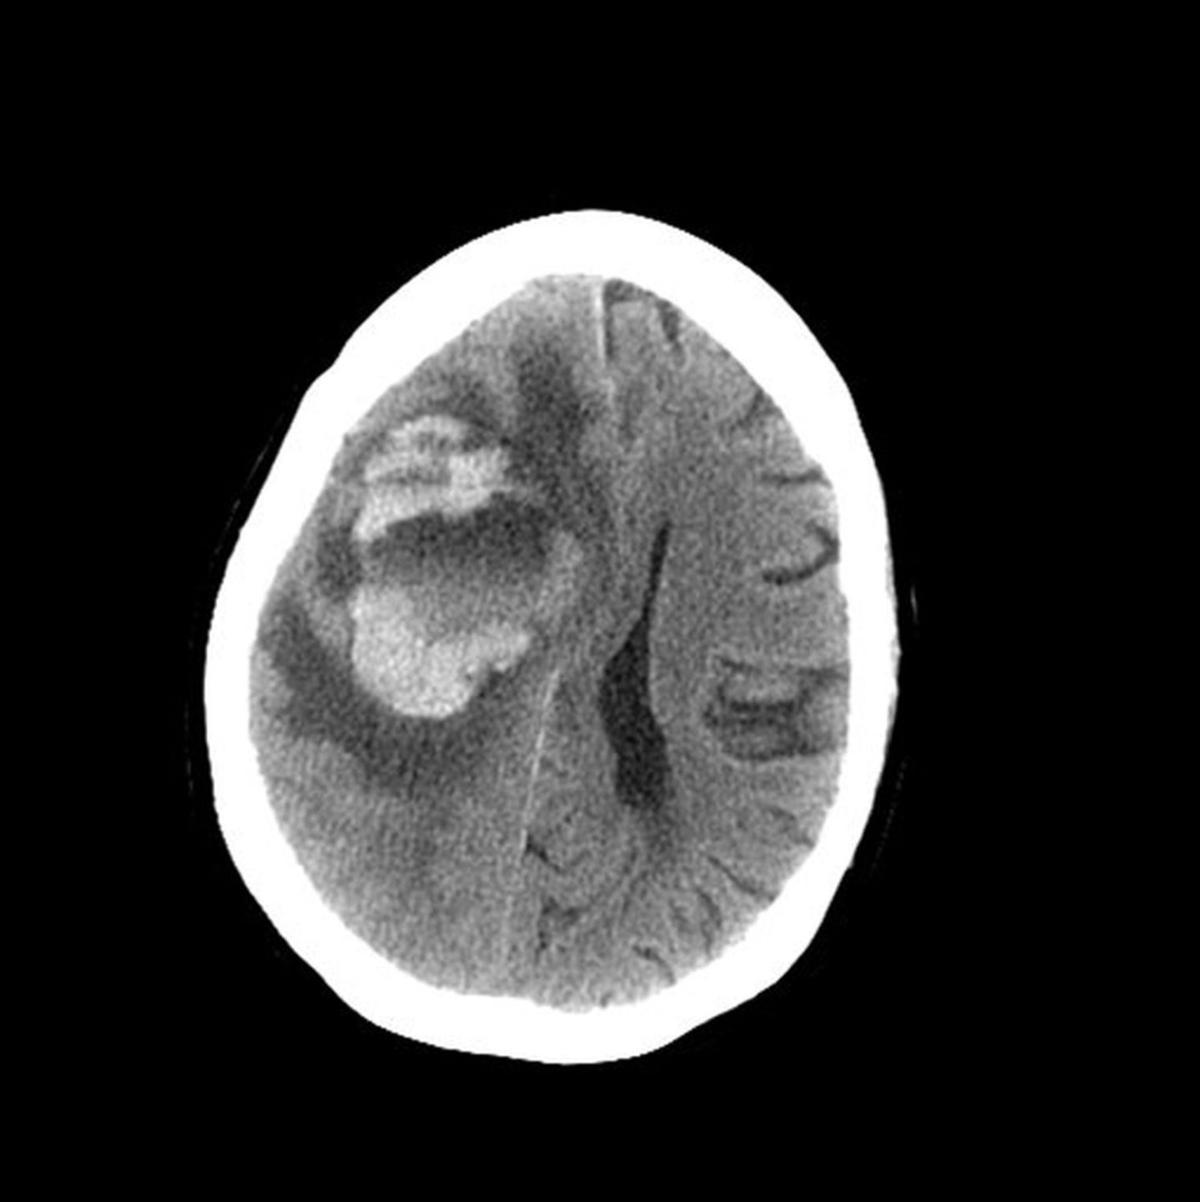 12042018_brain_112157-1560x1563.jpg